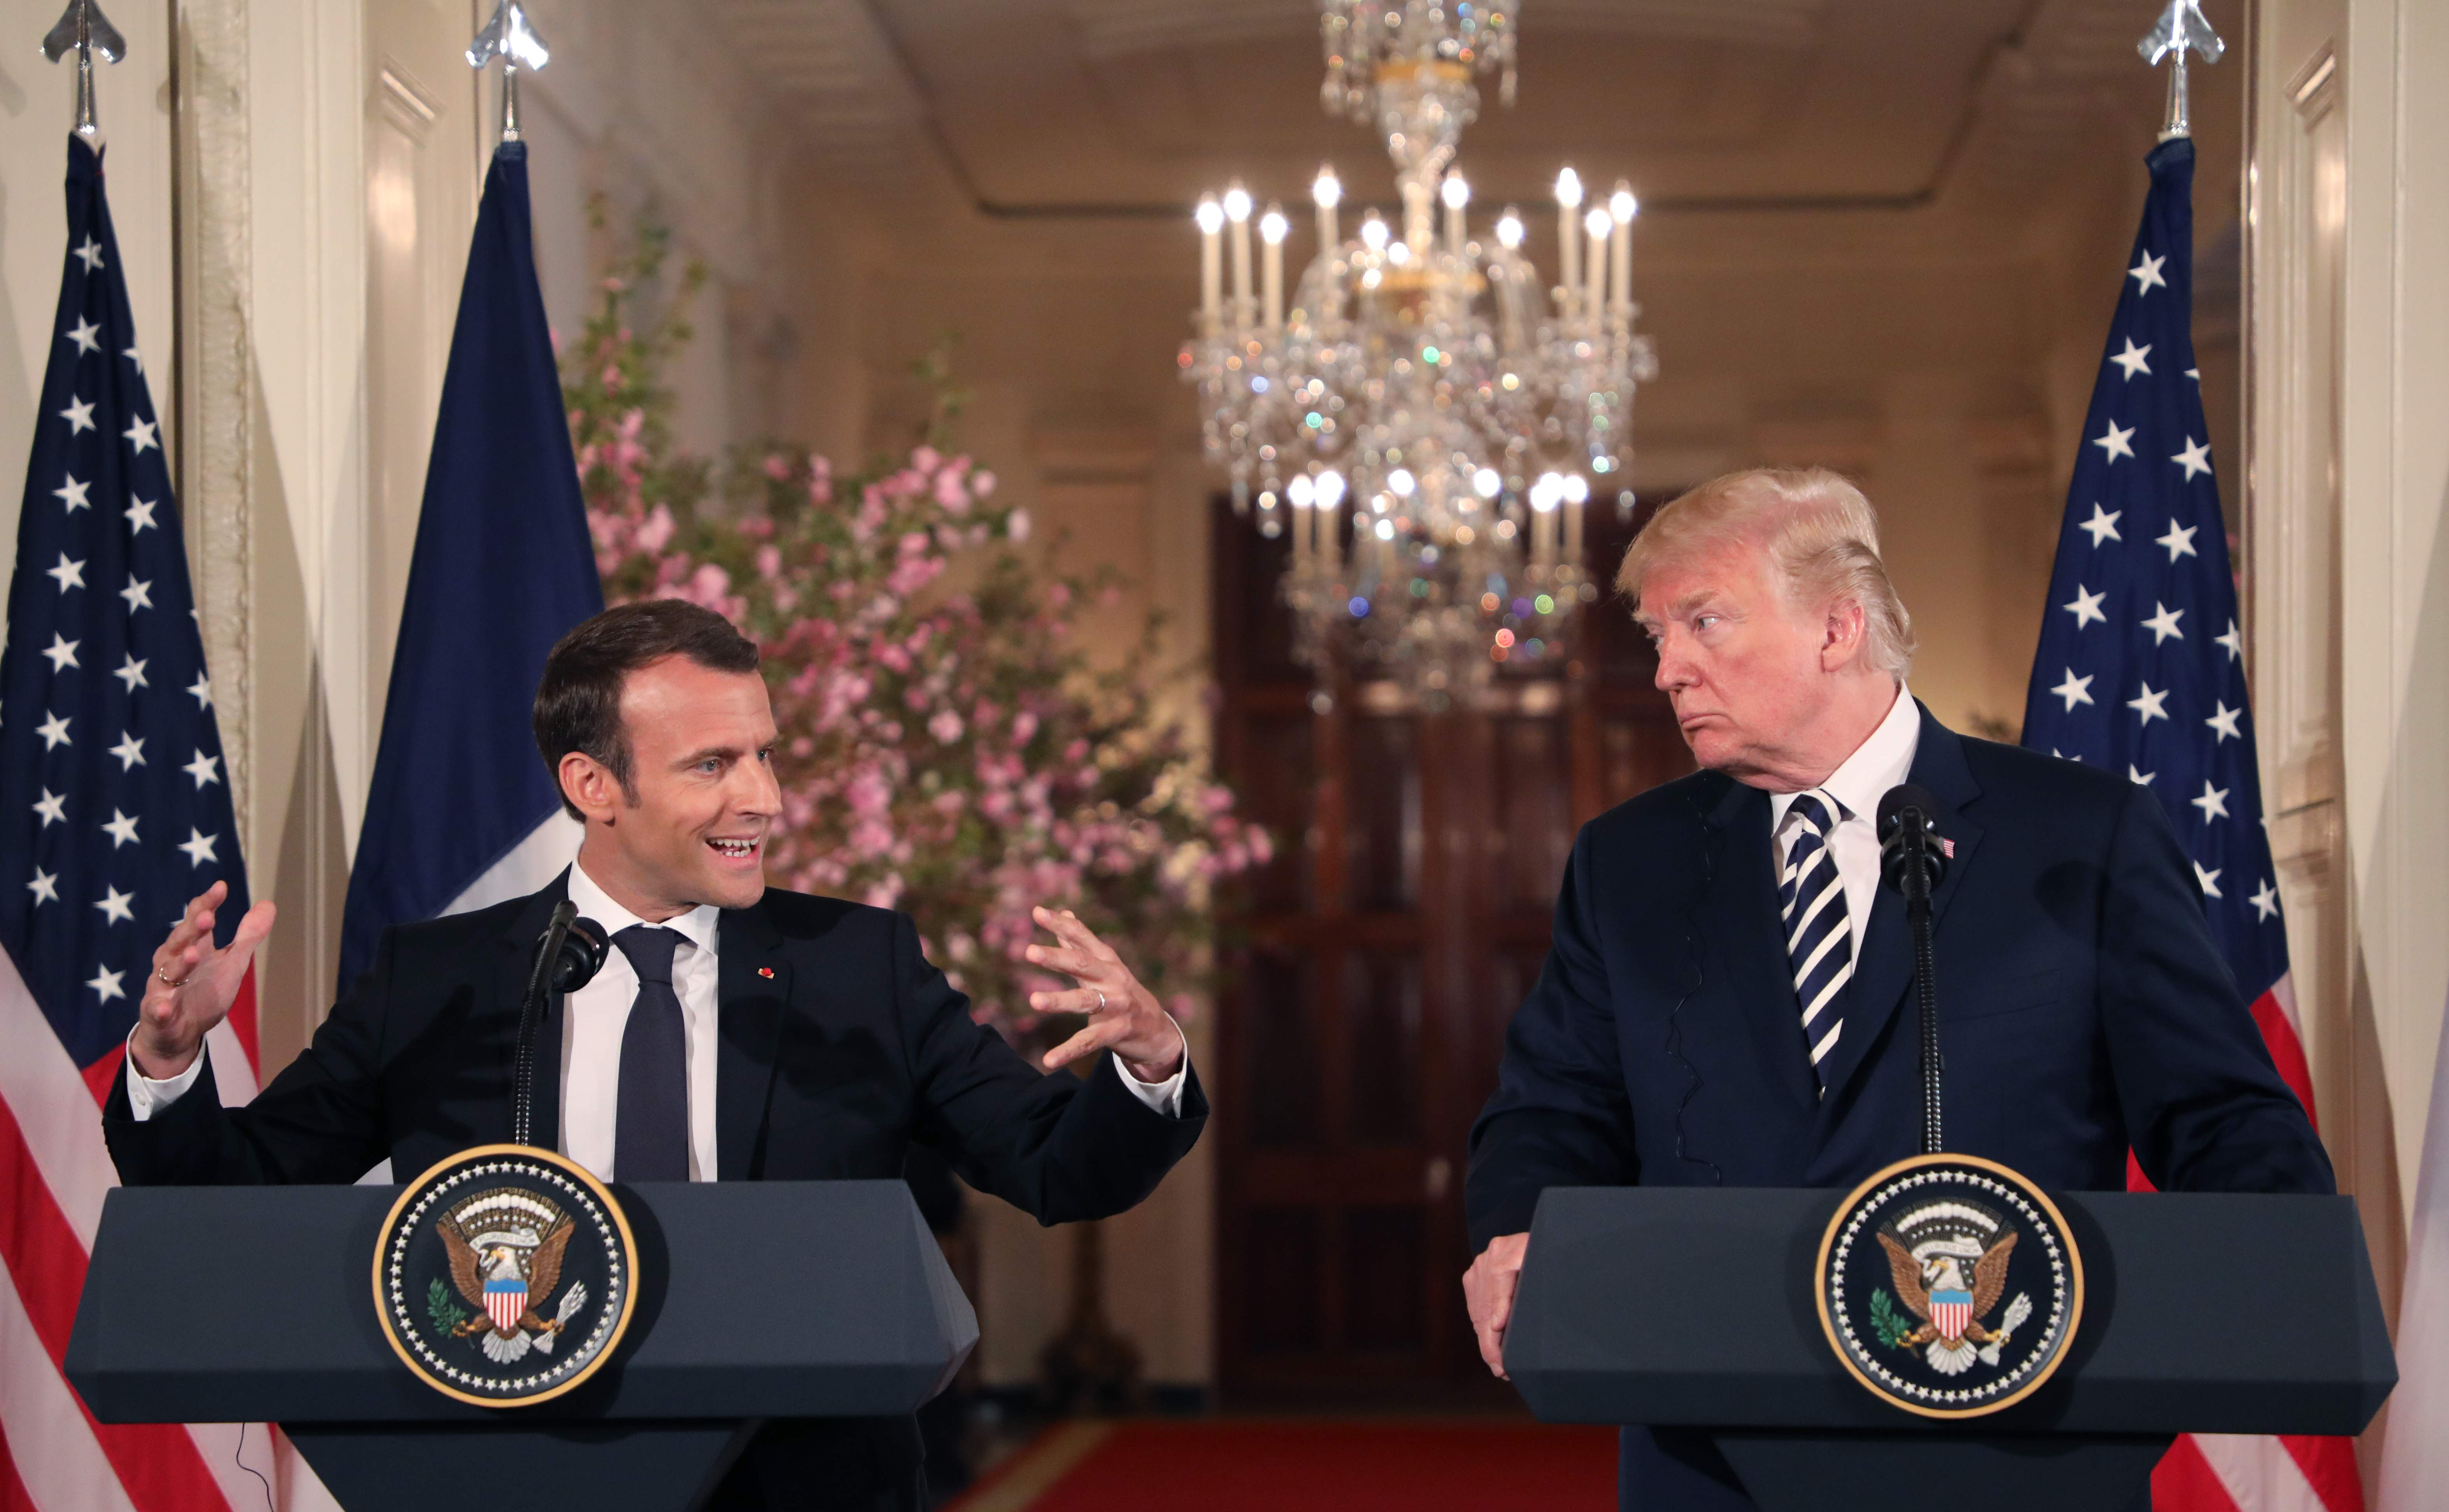 مؤتمر صحفى بين الرئيس الأمريكى والفرنسى